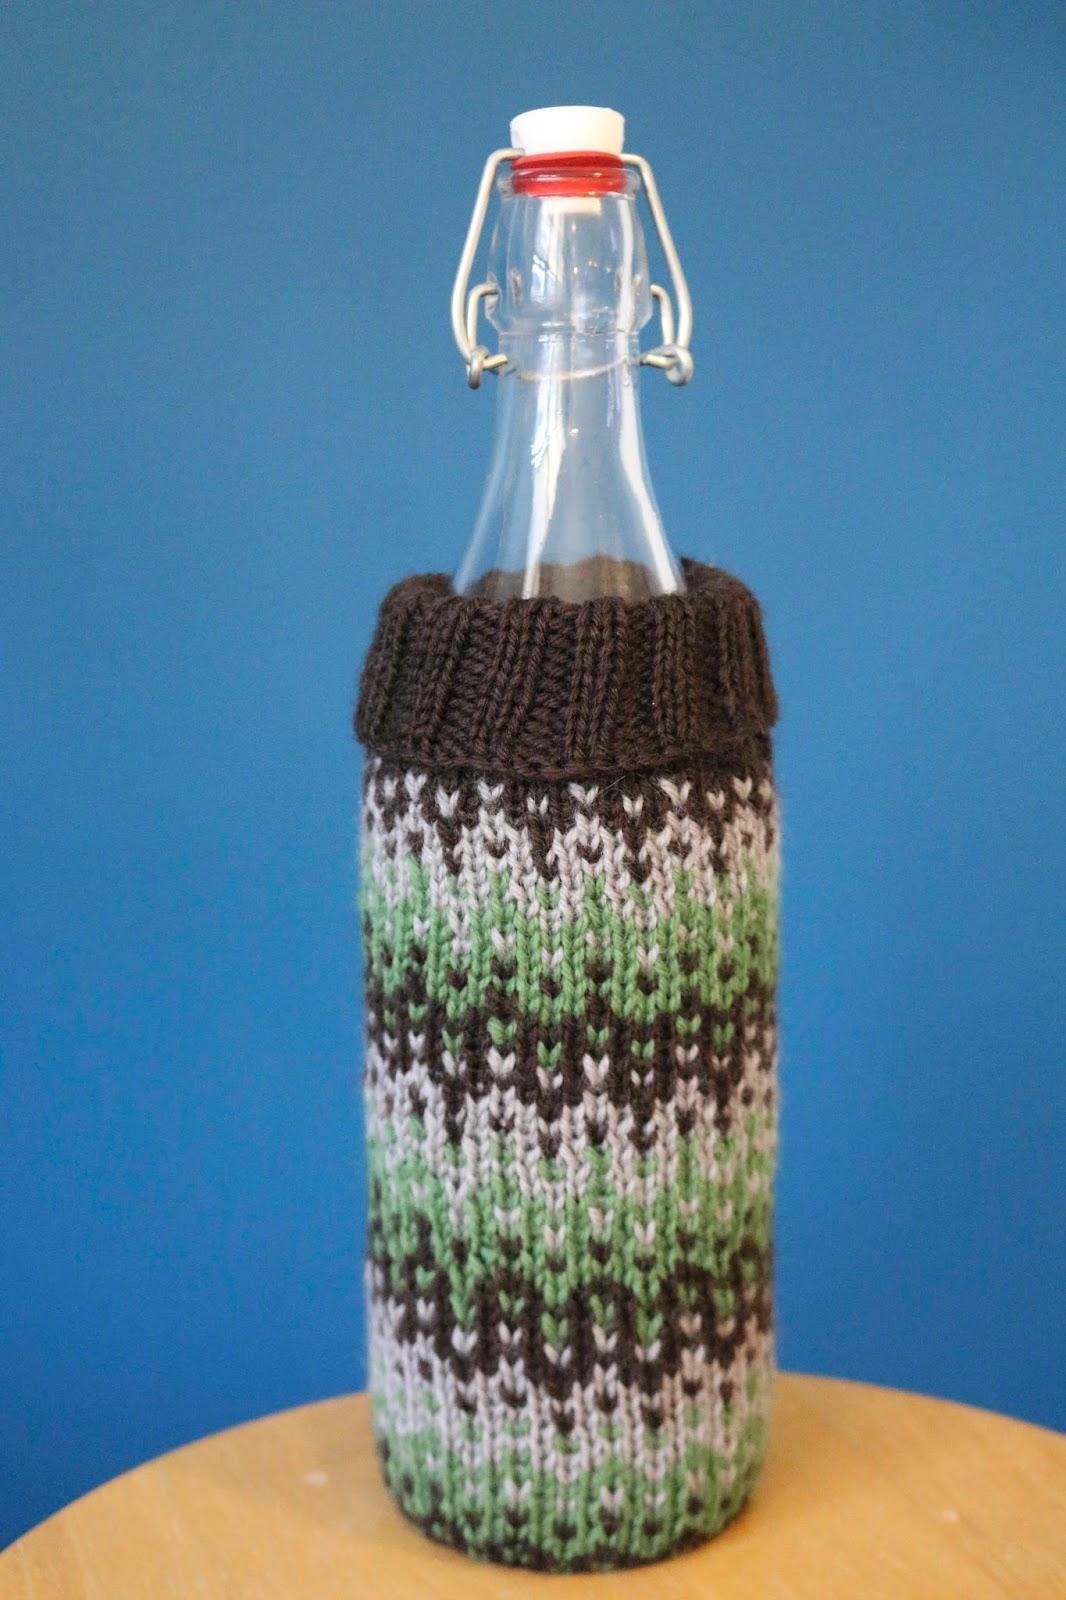 ChemKnits: Ombré Wine Cozy Knitting Pattern